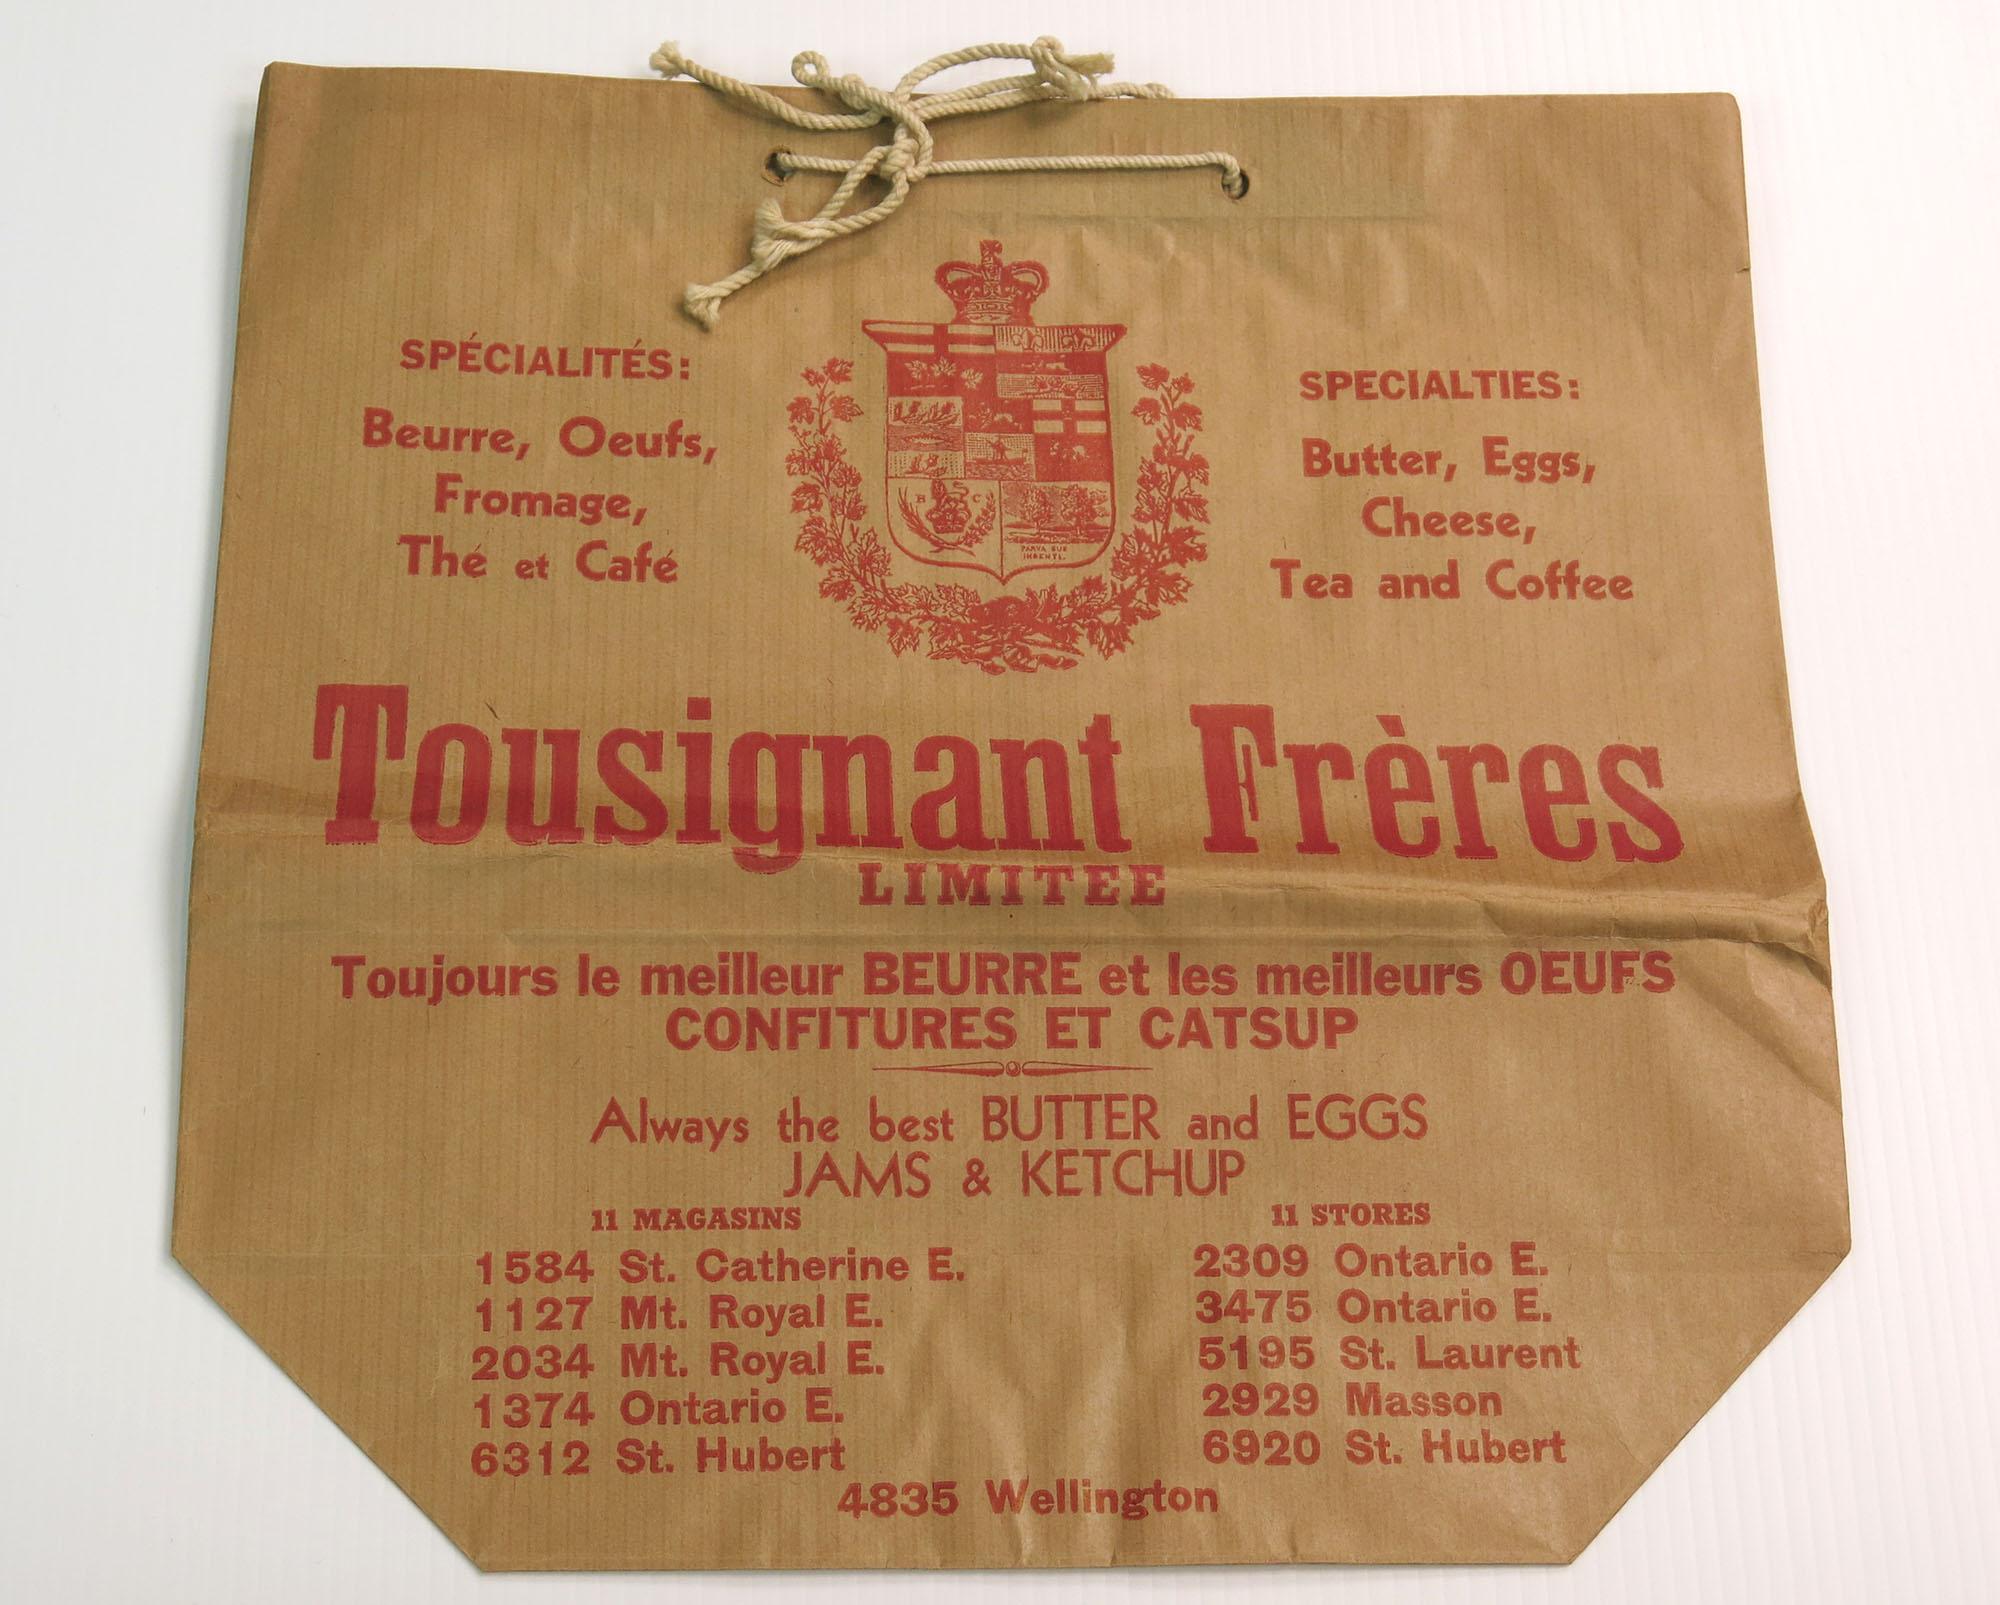 Sac en papier brun, avec des écritures rouges, de l'épicerie Tousignant & Frères. Des poignées en corde beige sont insérées dans le rebord en haut du sac.